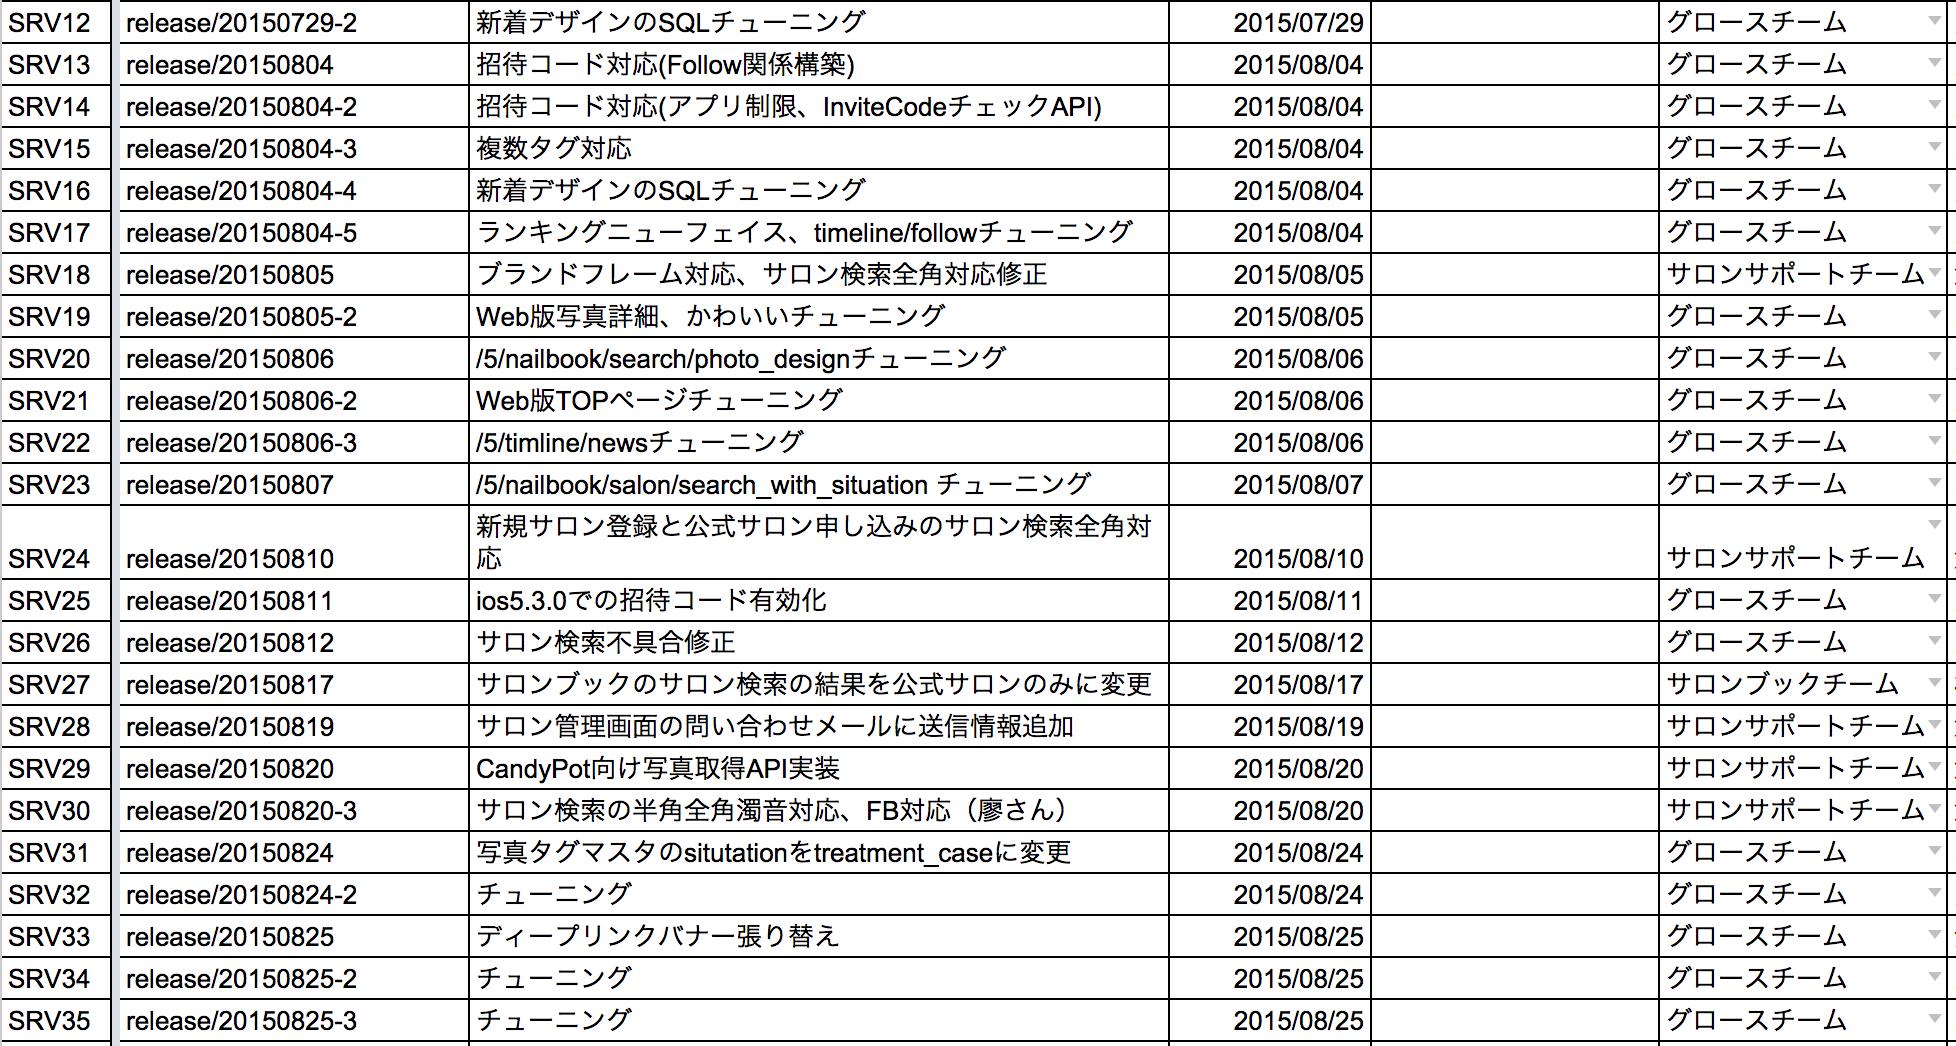 スクリーンショット 2015-12-13 17.26.47.png